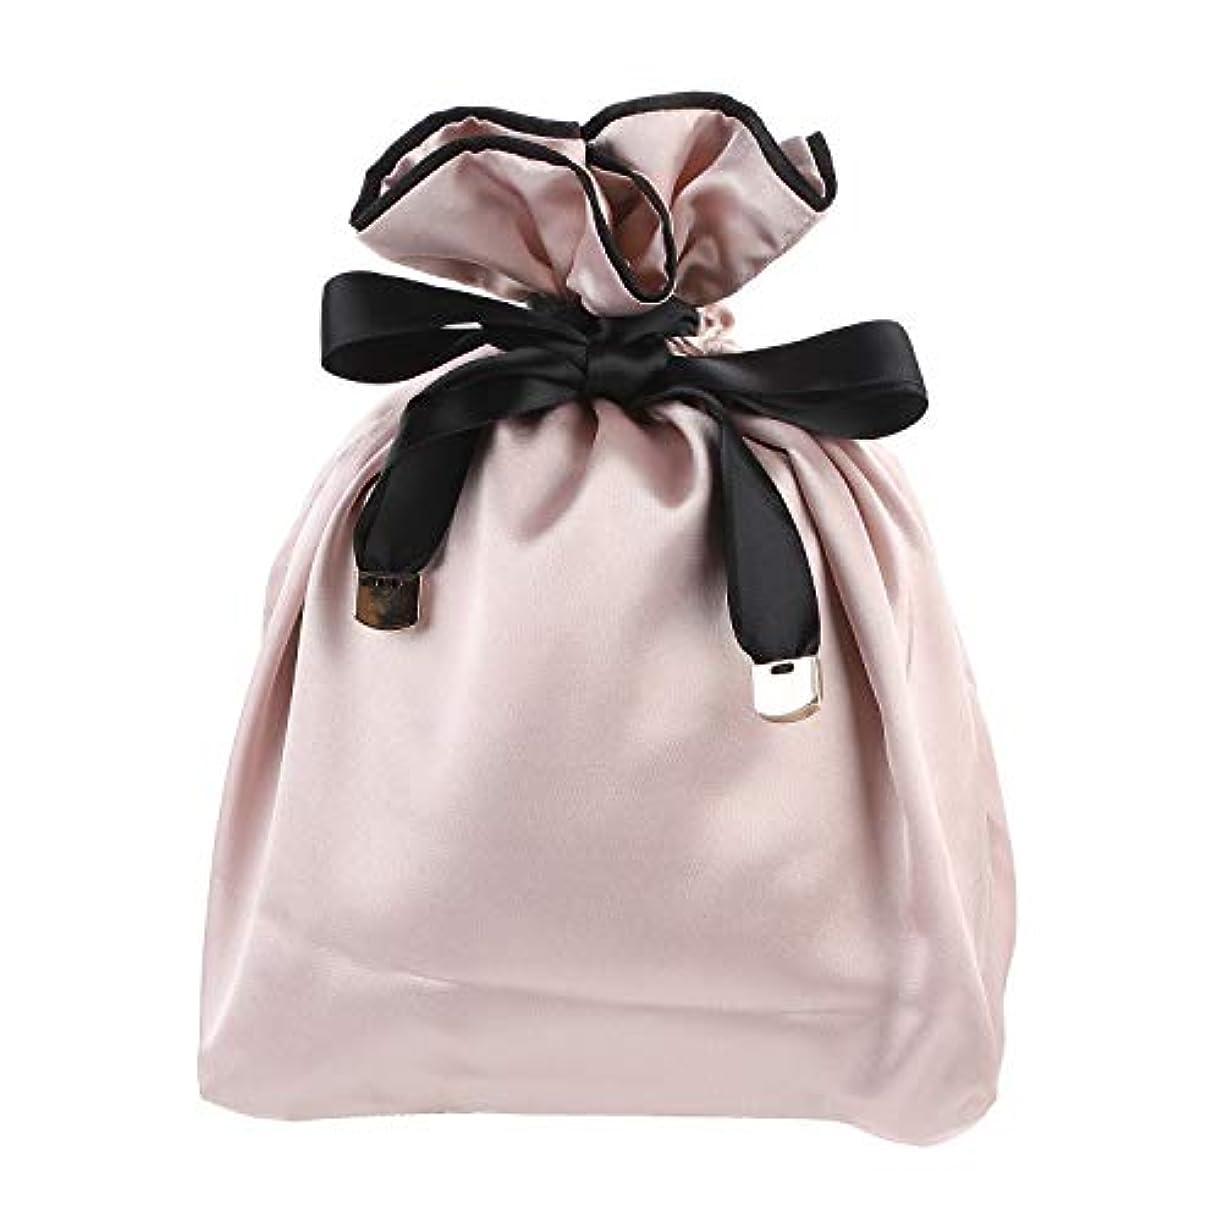 断片豚肉干渉するNEOVIVA 巾着 袋 女の子 化粧品ポーチ 小物入れ スベスベ 旅行 ギフト ピンク 巾着袋だけ